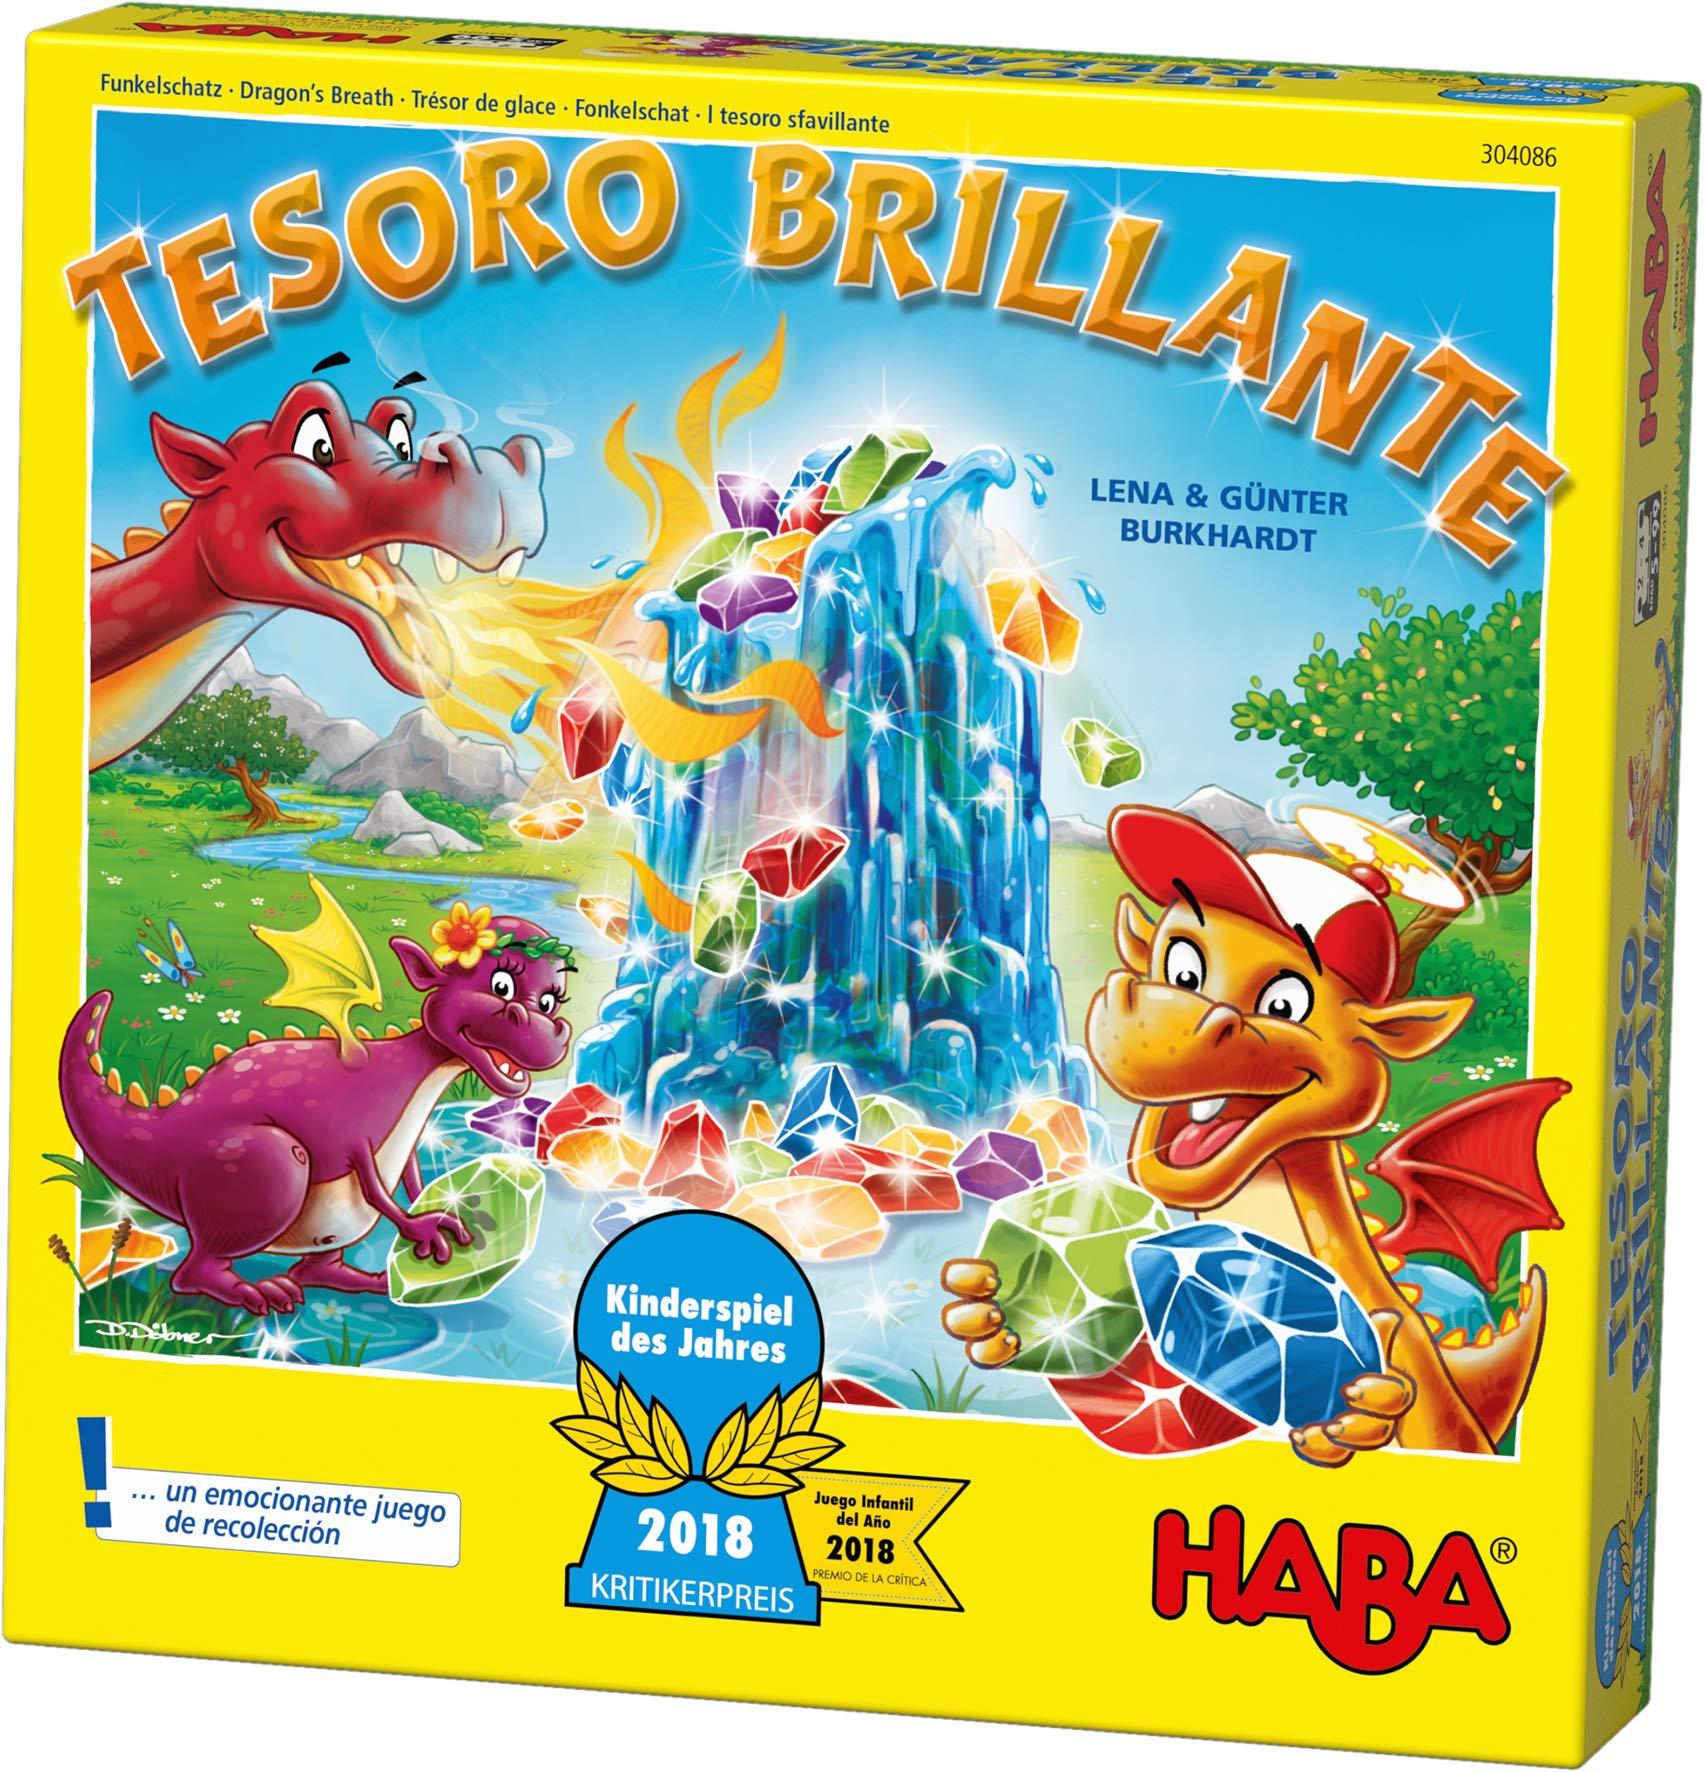 Haba - Tesoro Brillante, Color Multicolor (Habermass 304086): Amazon.es: Juguetes y juegos